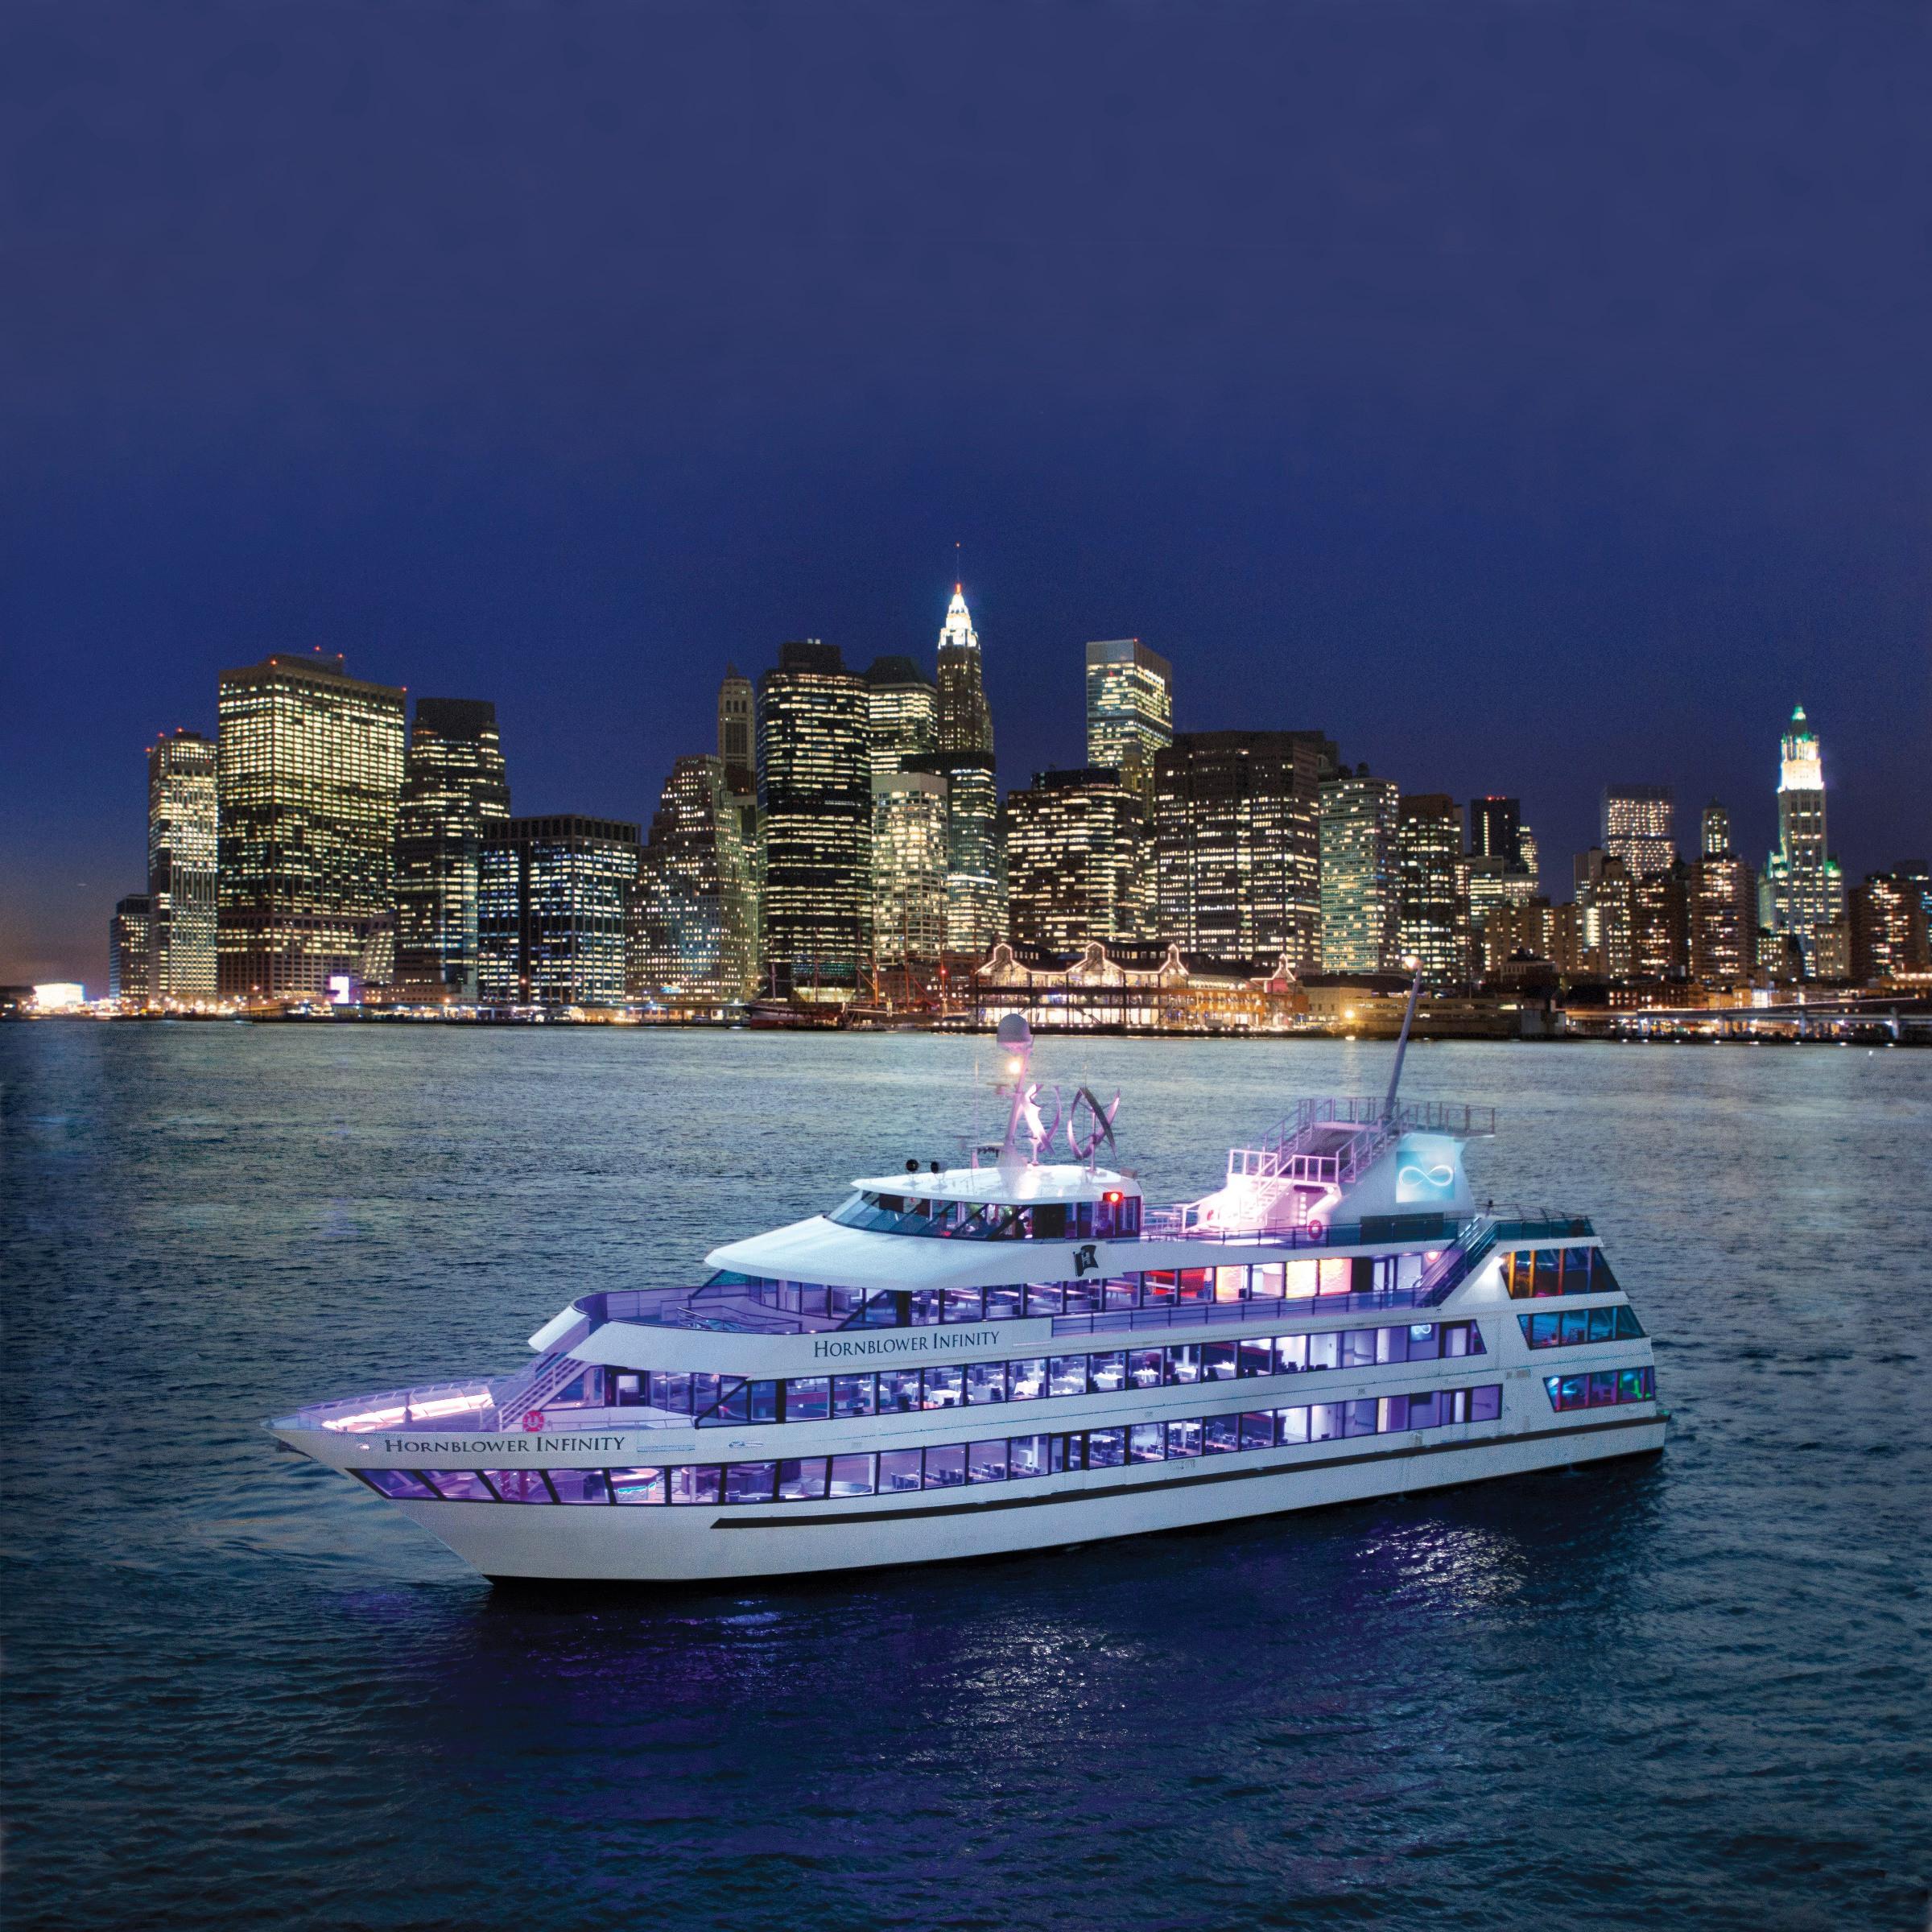 Hornblower Dinner Cruise  Hornblower Dining Cruises on Hudson